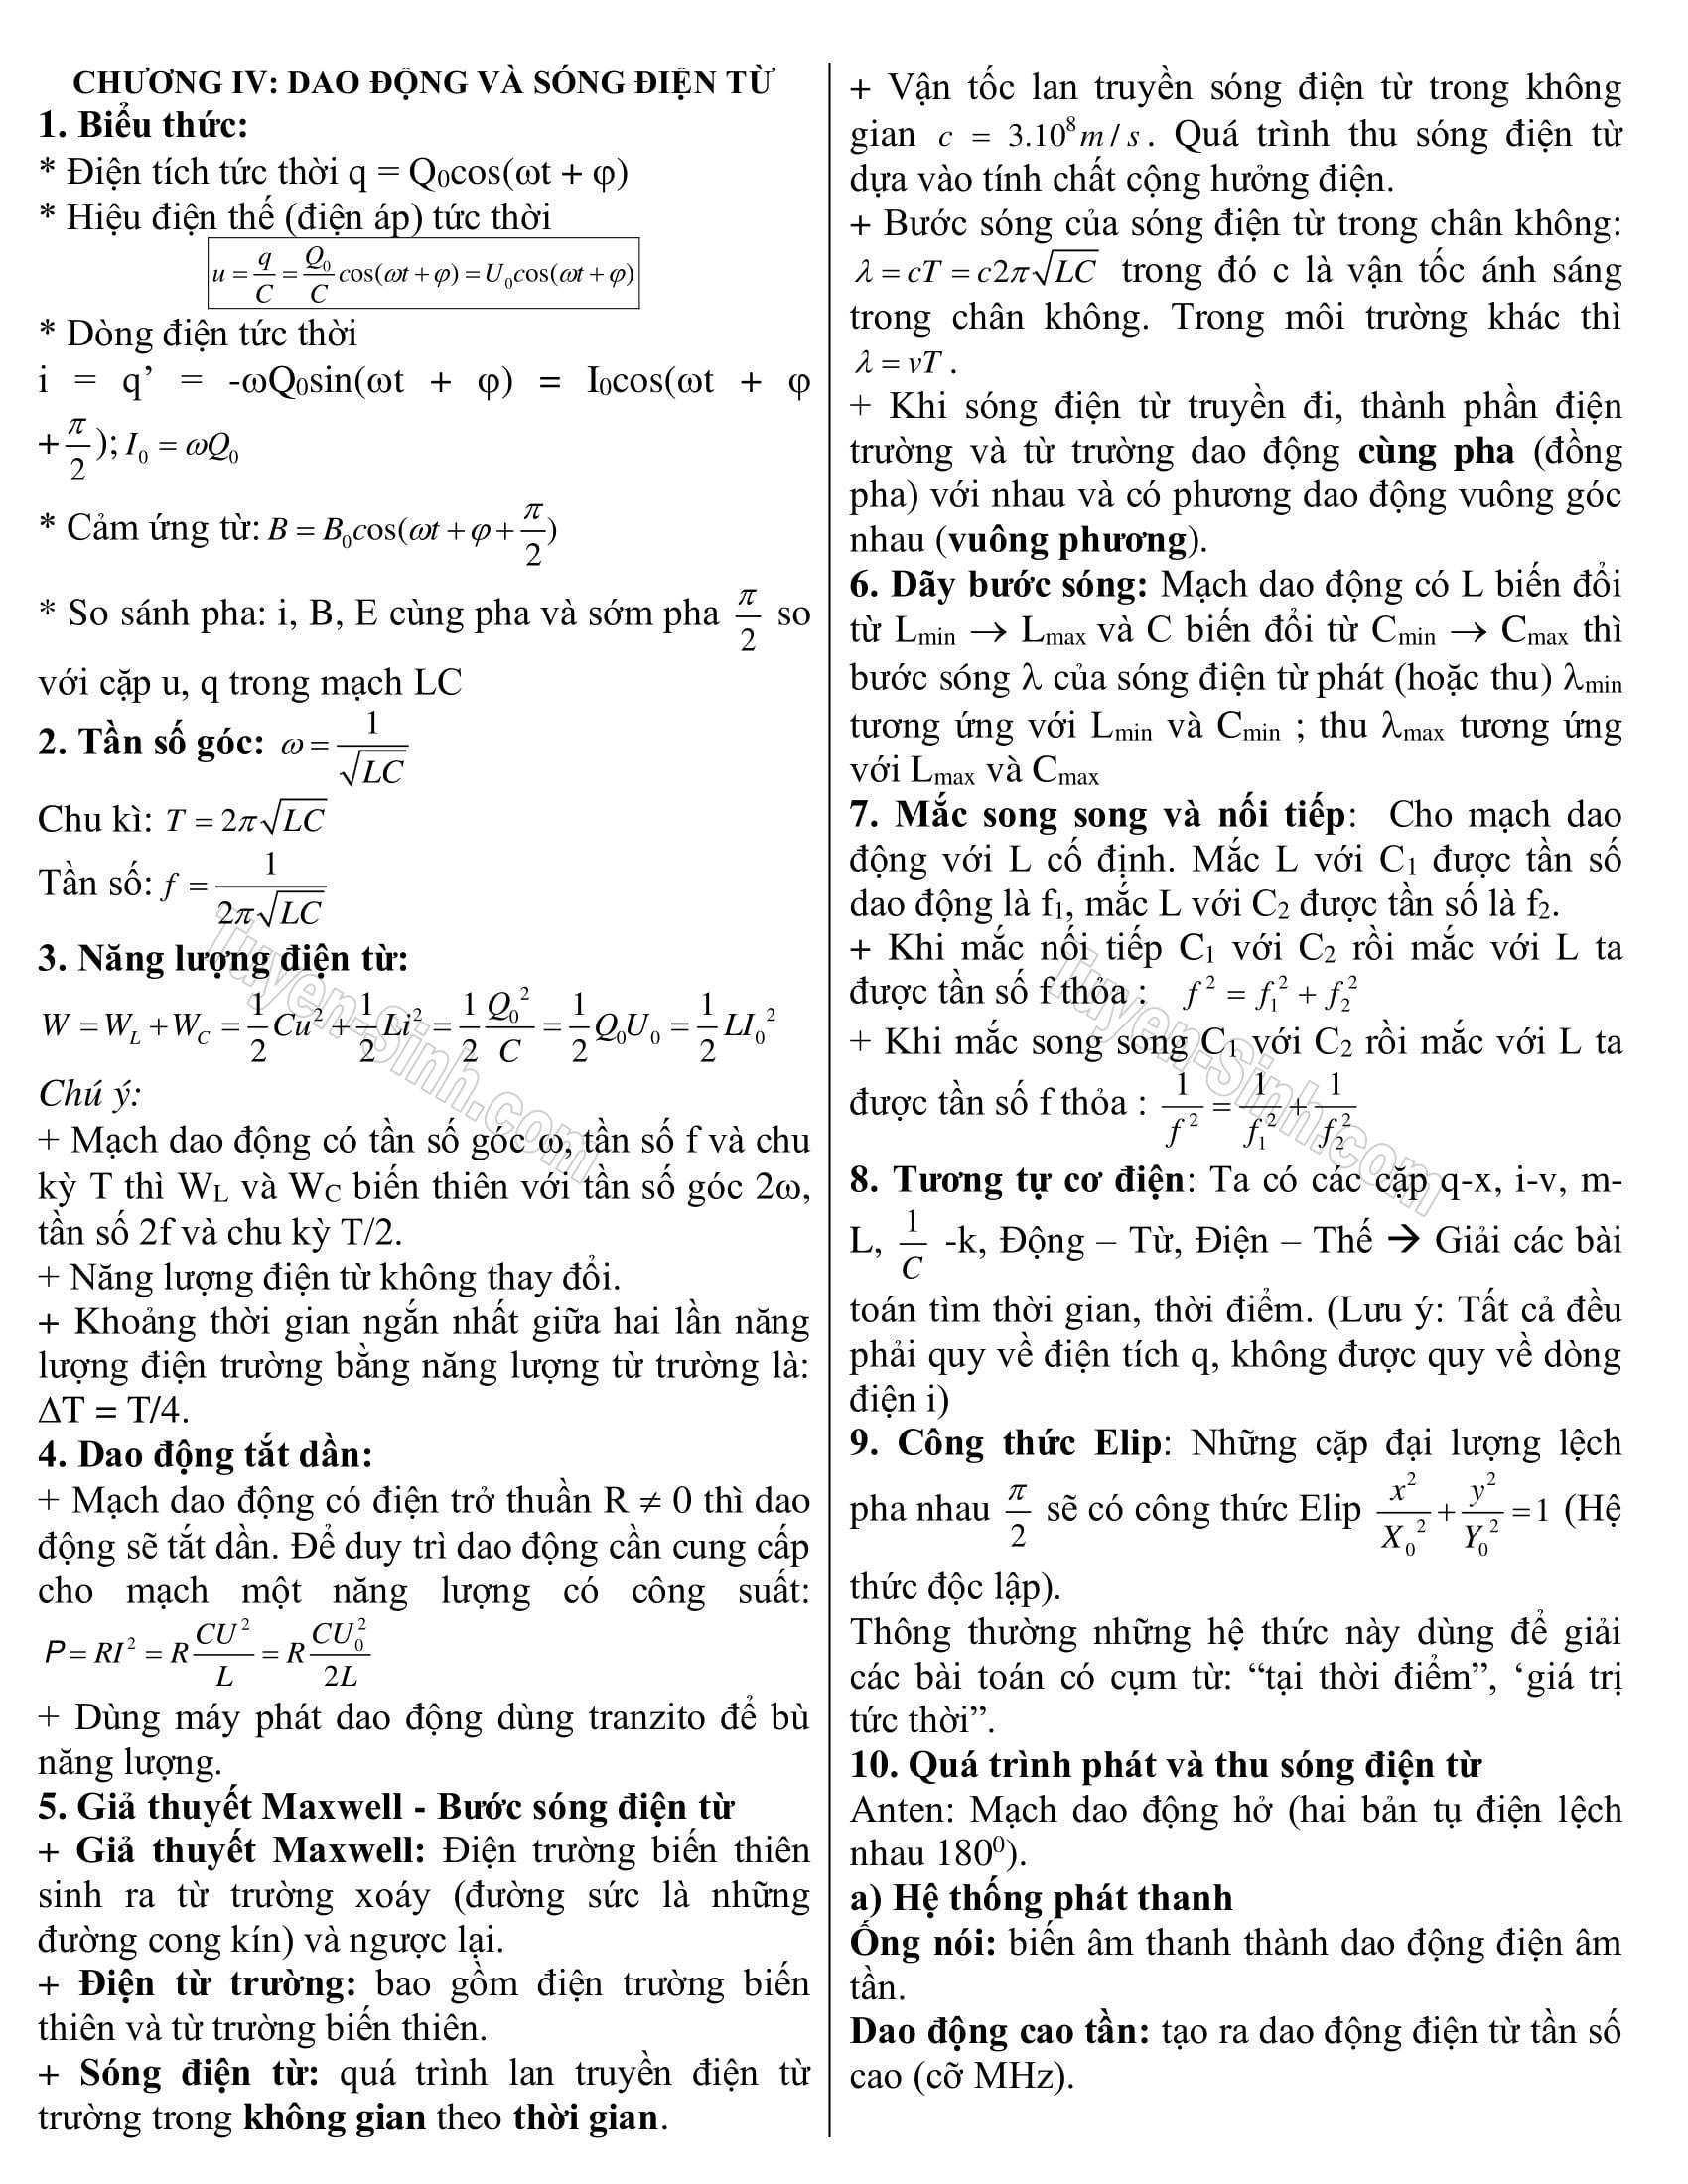 tổng hợp công thức vật lý 12 ôn thi đại học